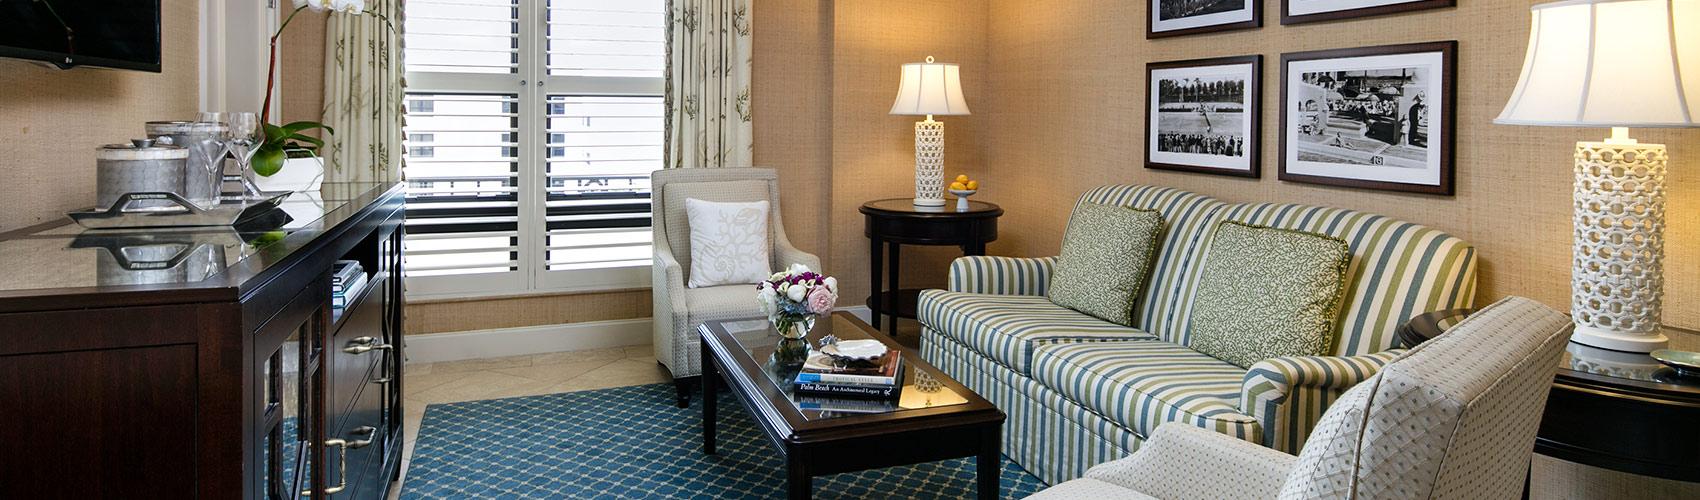 Deluxe Suite with Resort View Bedroom